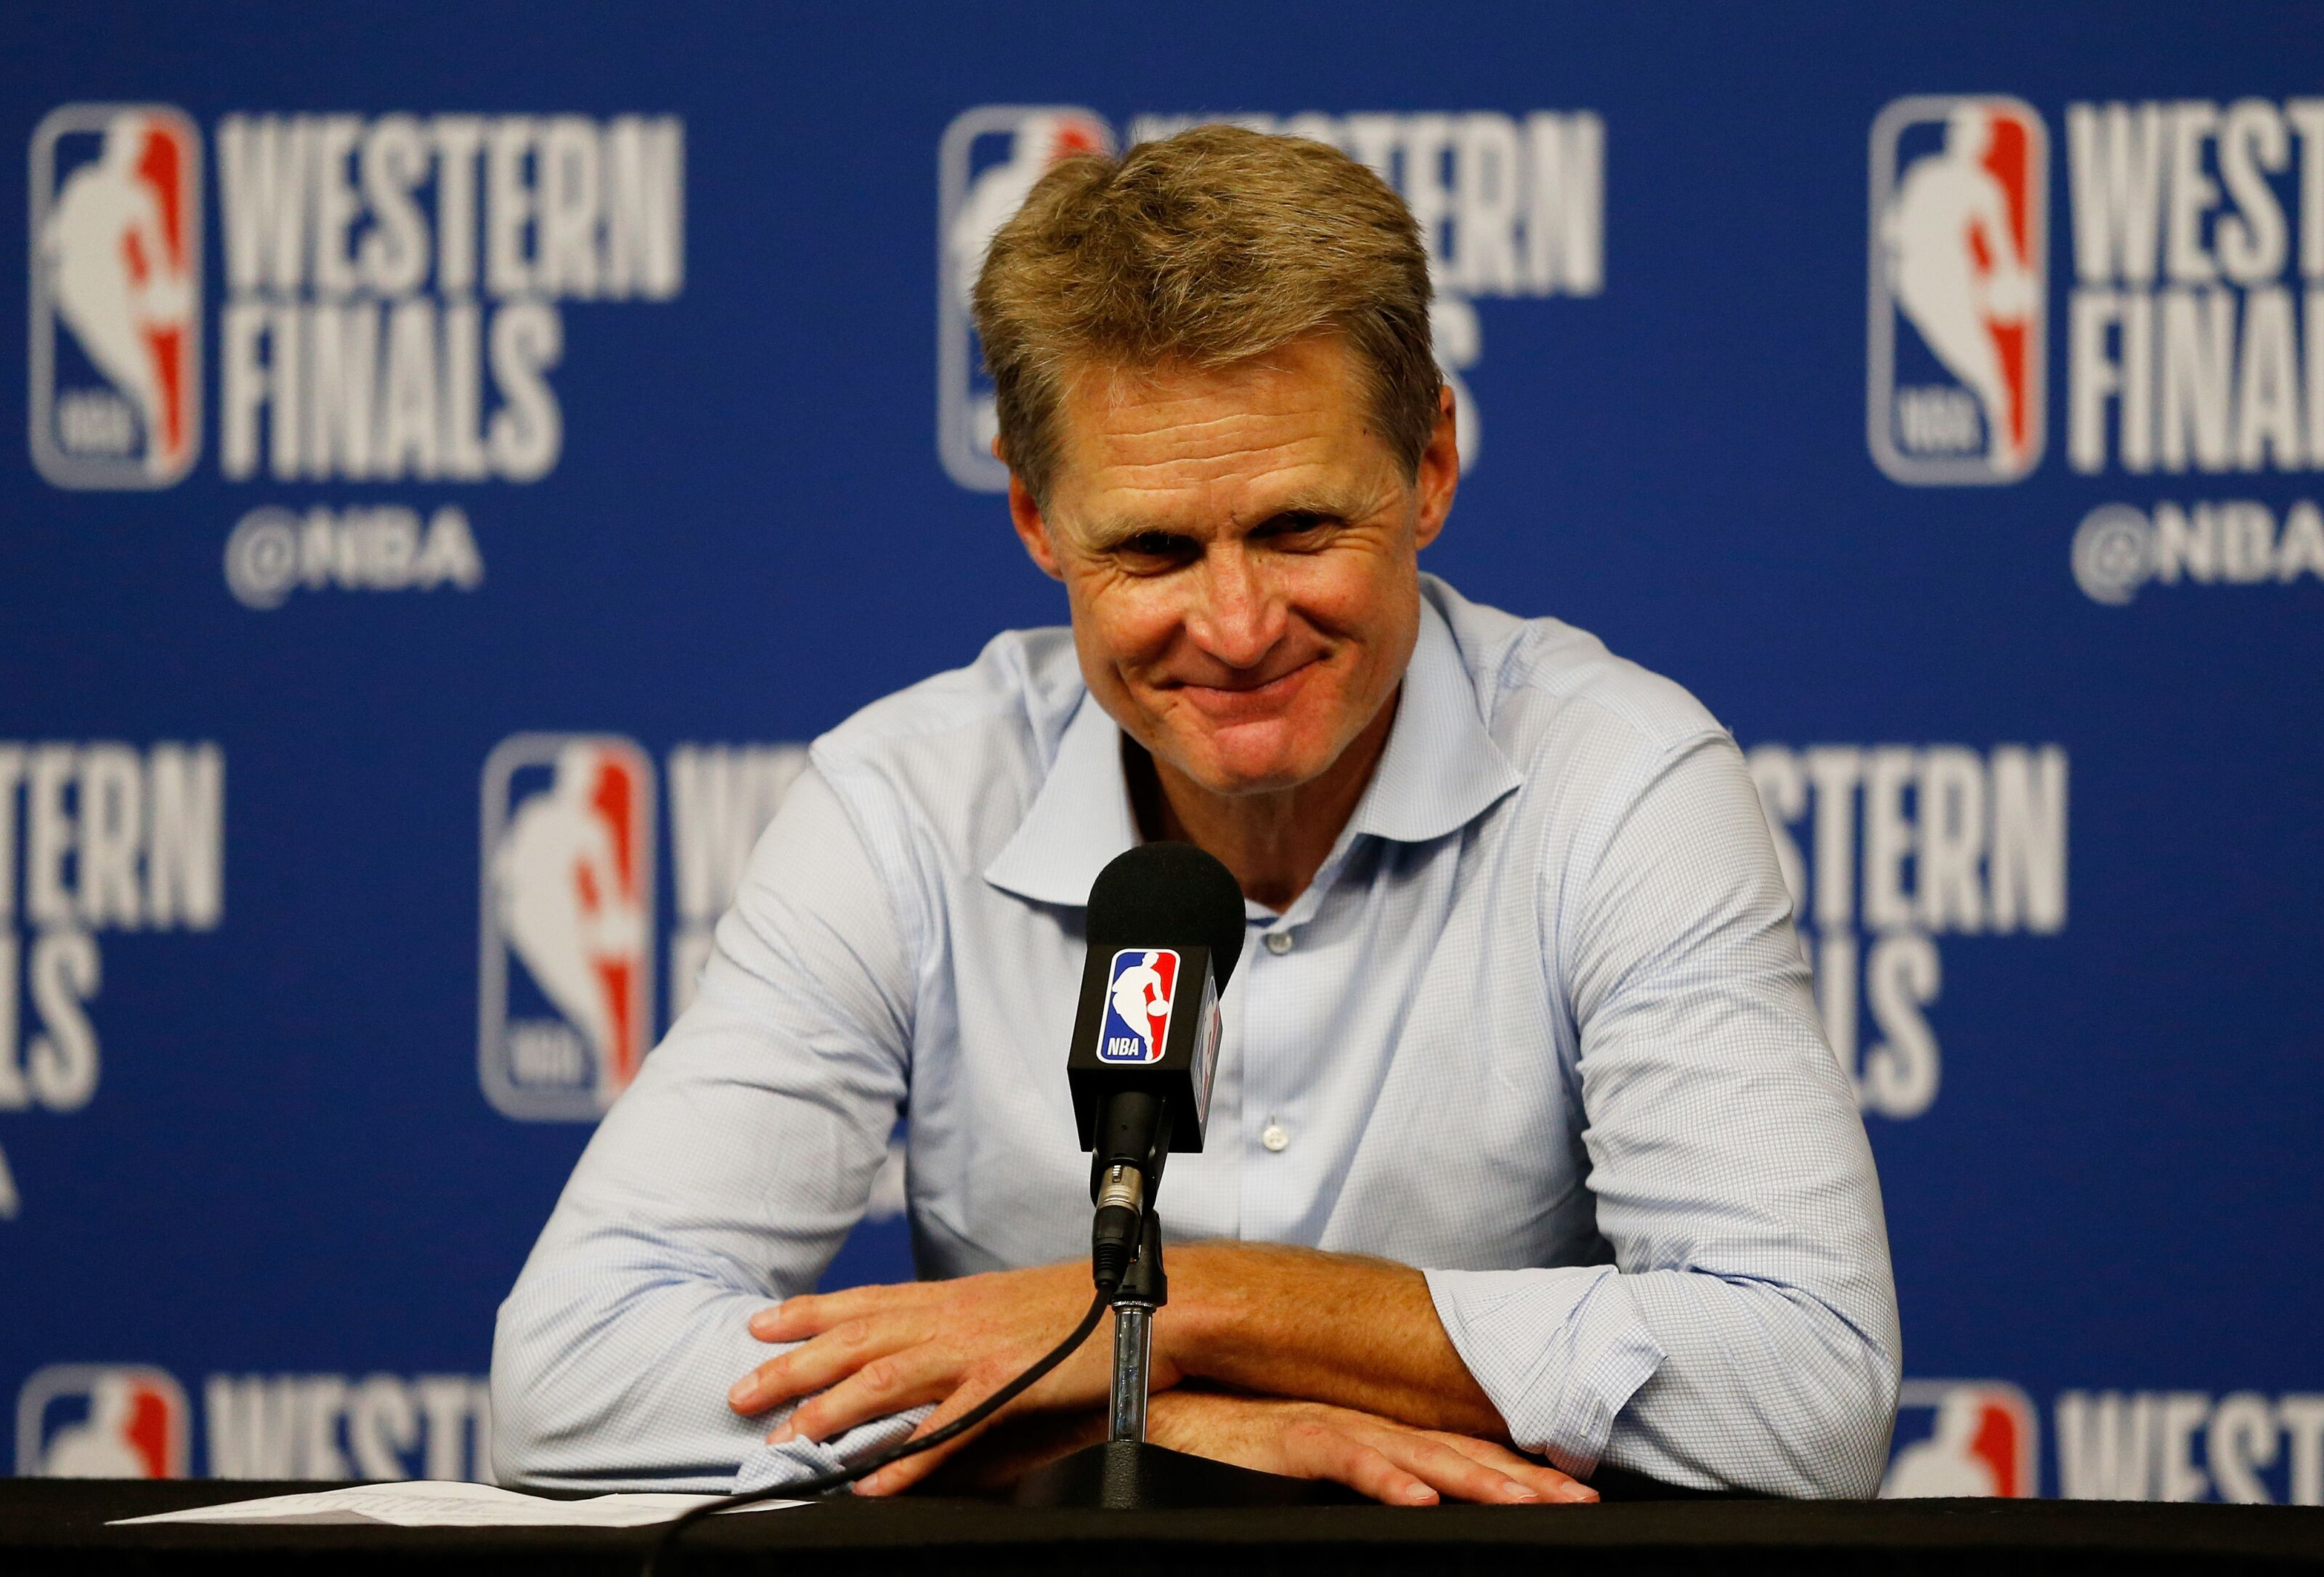 8記三分,這樣的柯瑞怎麼防?賽後科爾的話,快艇精神都要崩潰!(影)-Haters-黑特籃球NBA新聞影音圖片分享社區